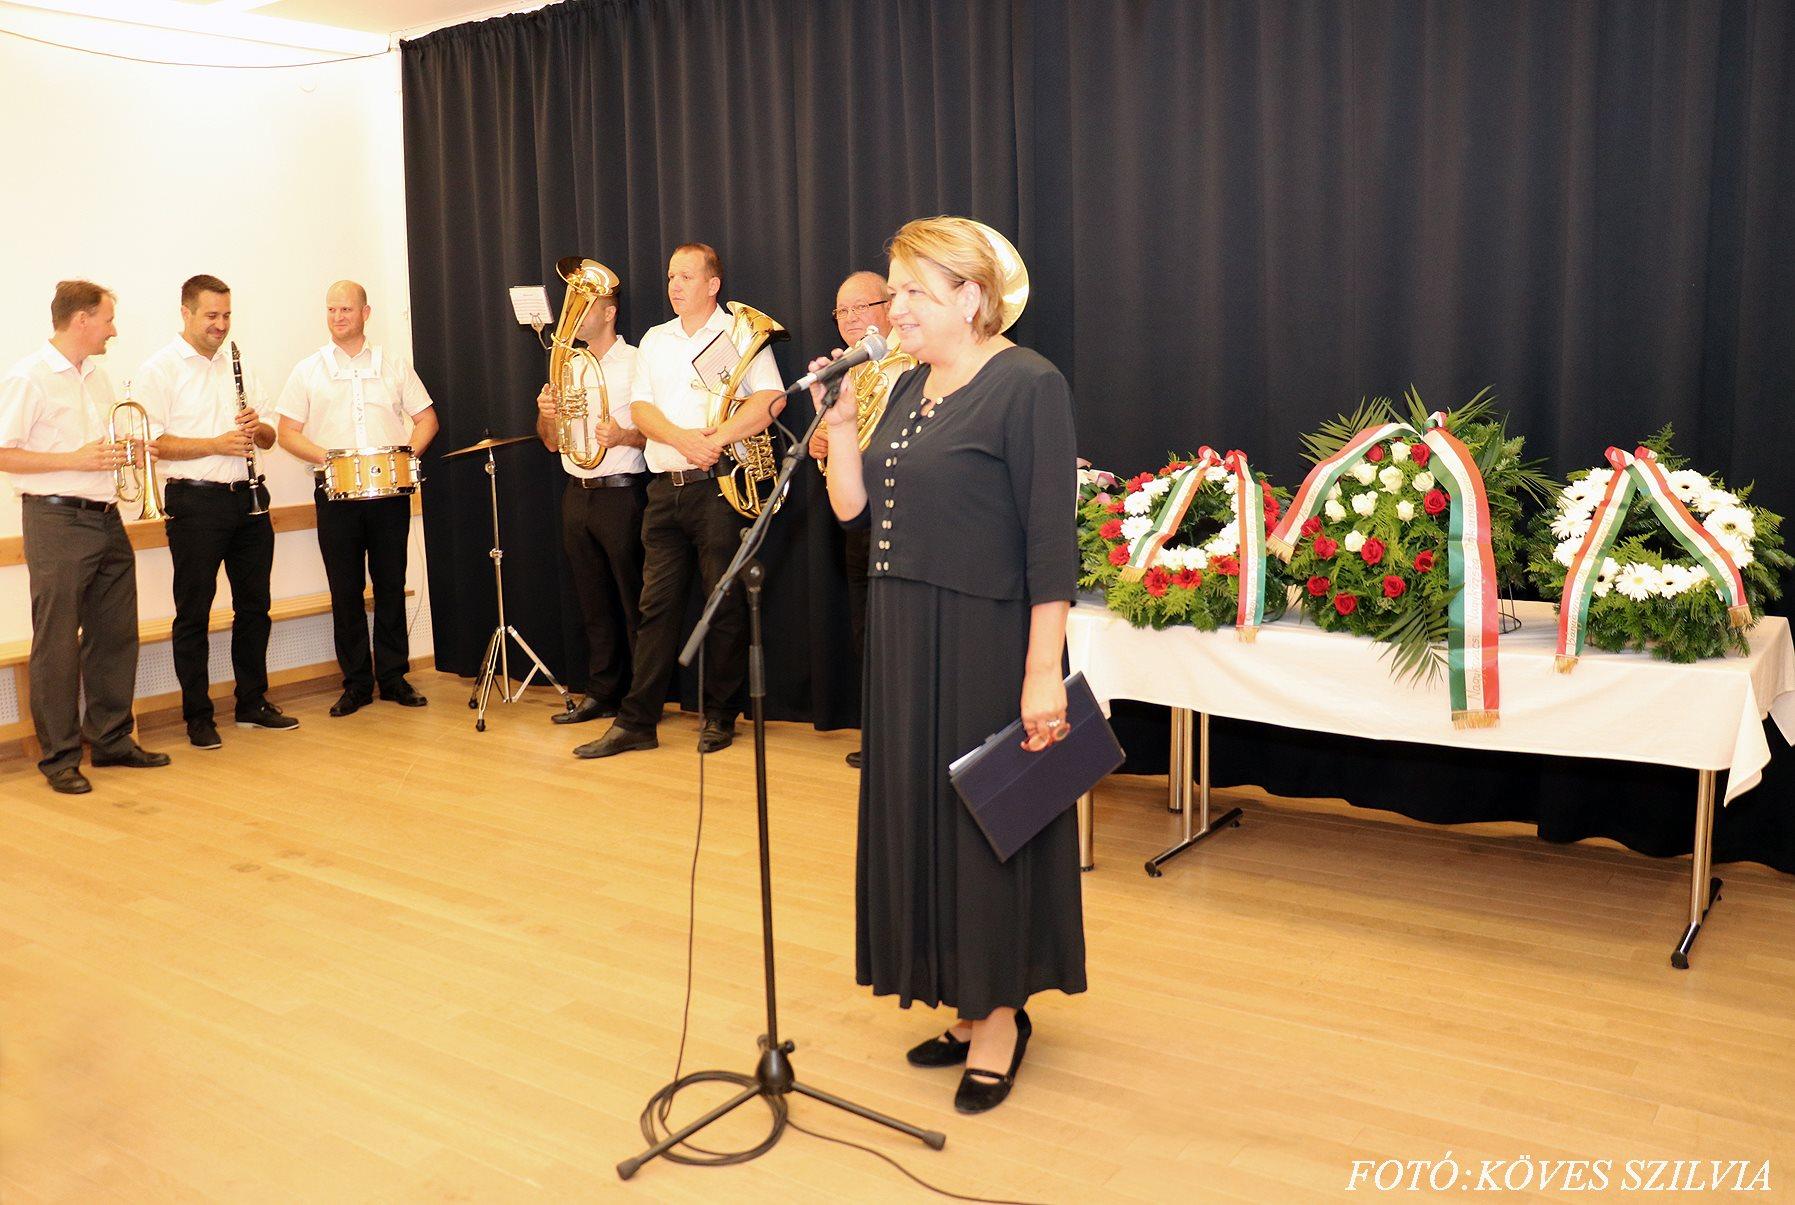 Bányásznap 2018. A Pilisi kis Fúvós Zenekar és G. Furulyás Katalin